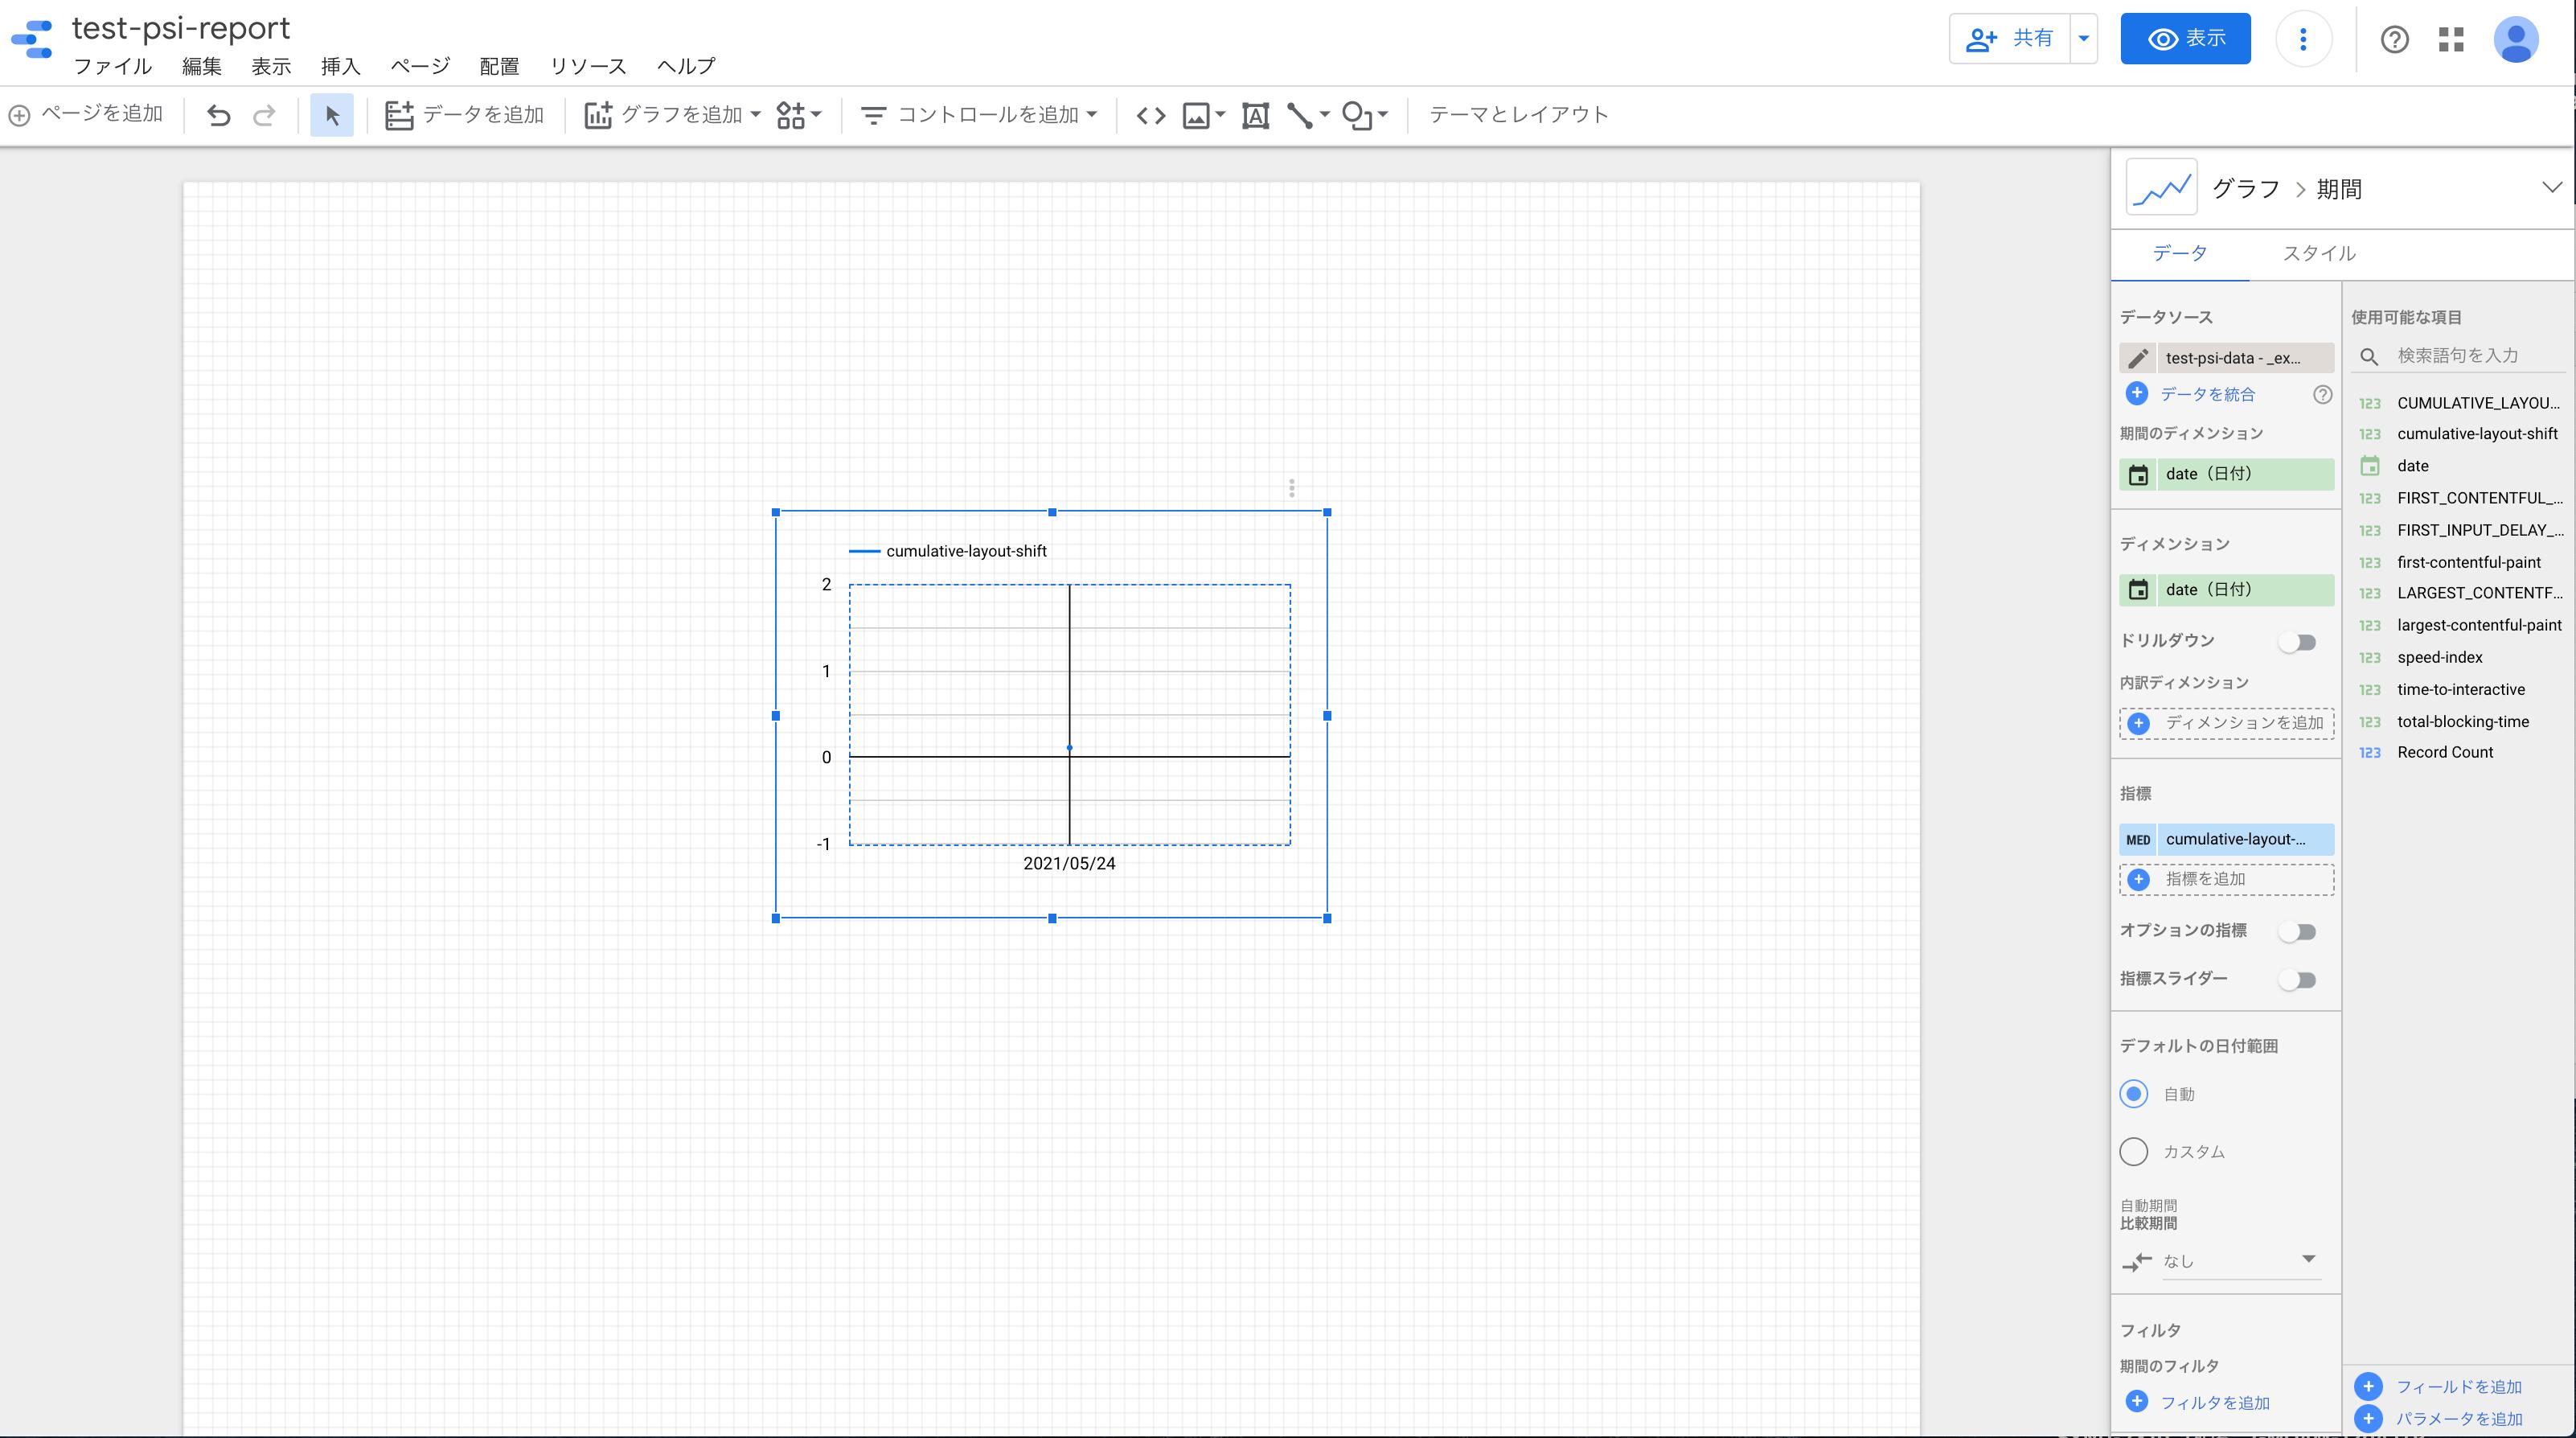 時系列グラフ表示